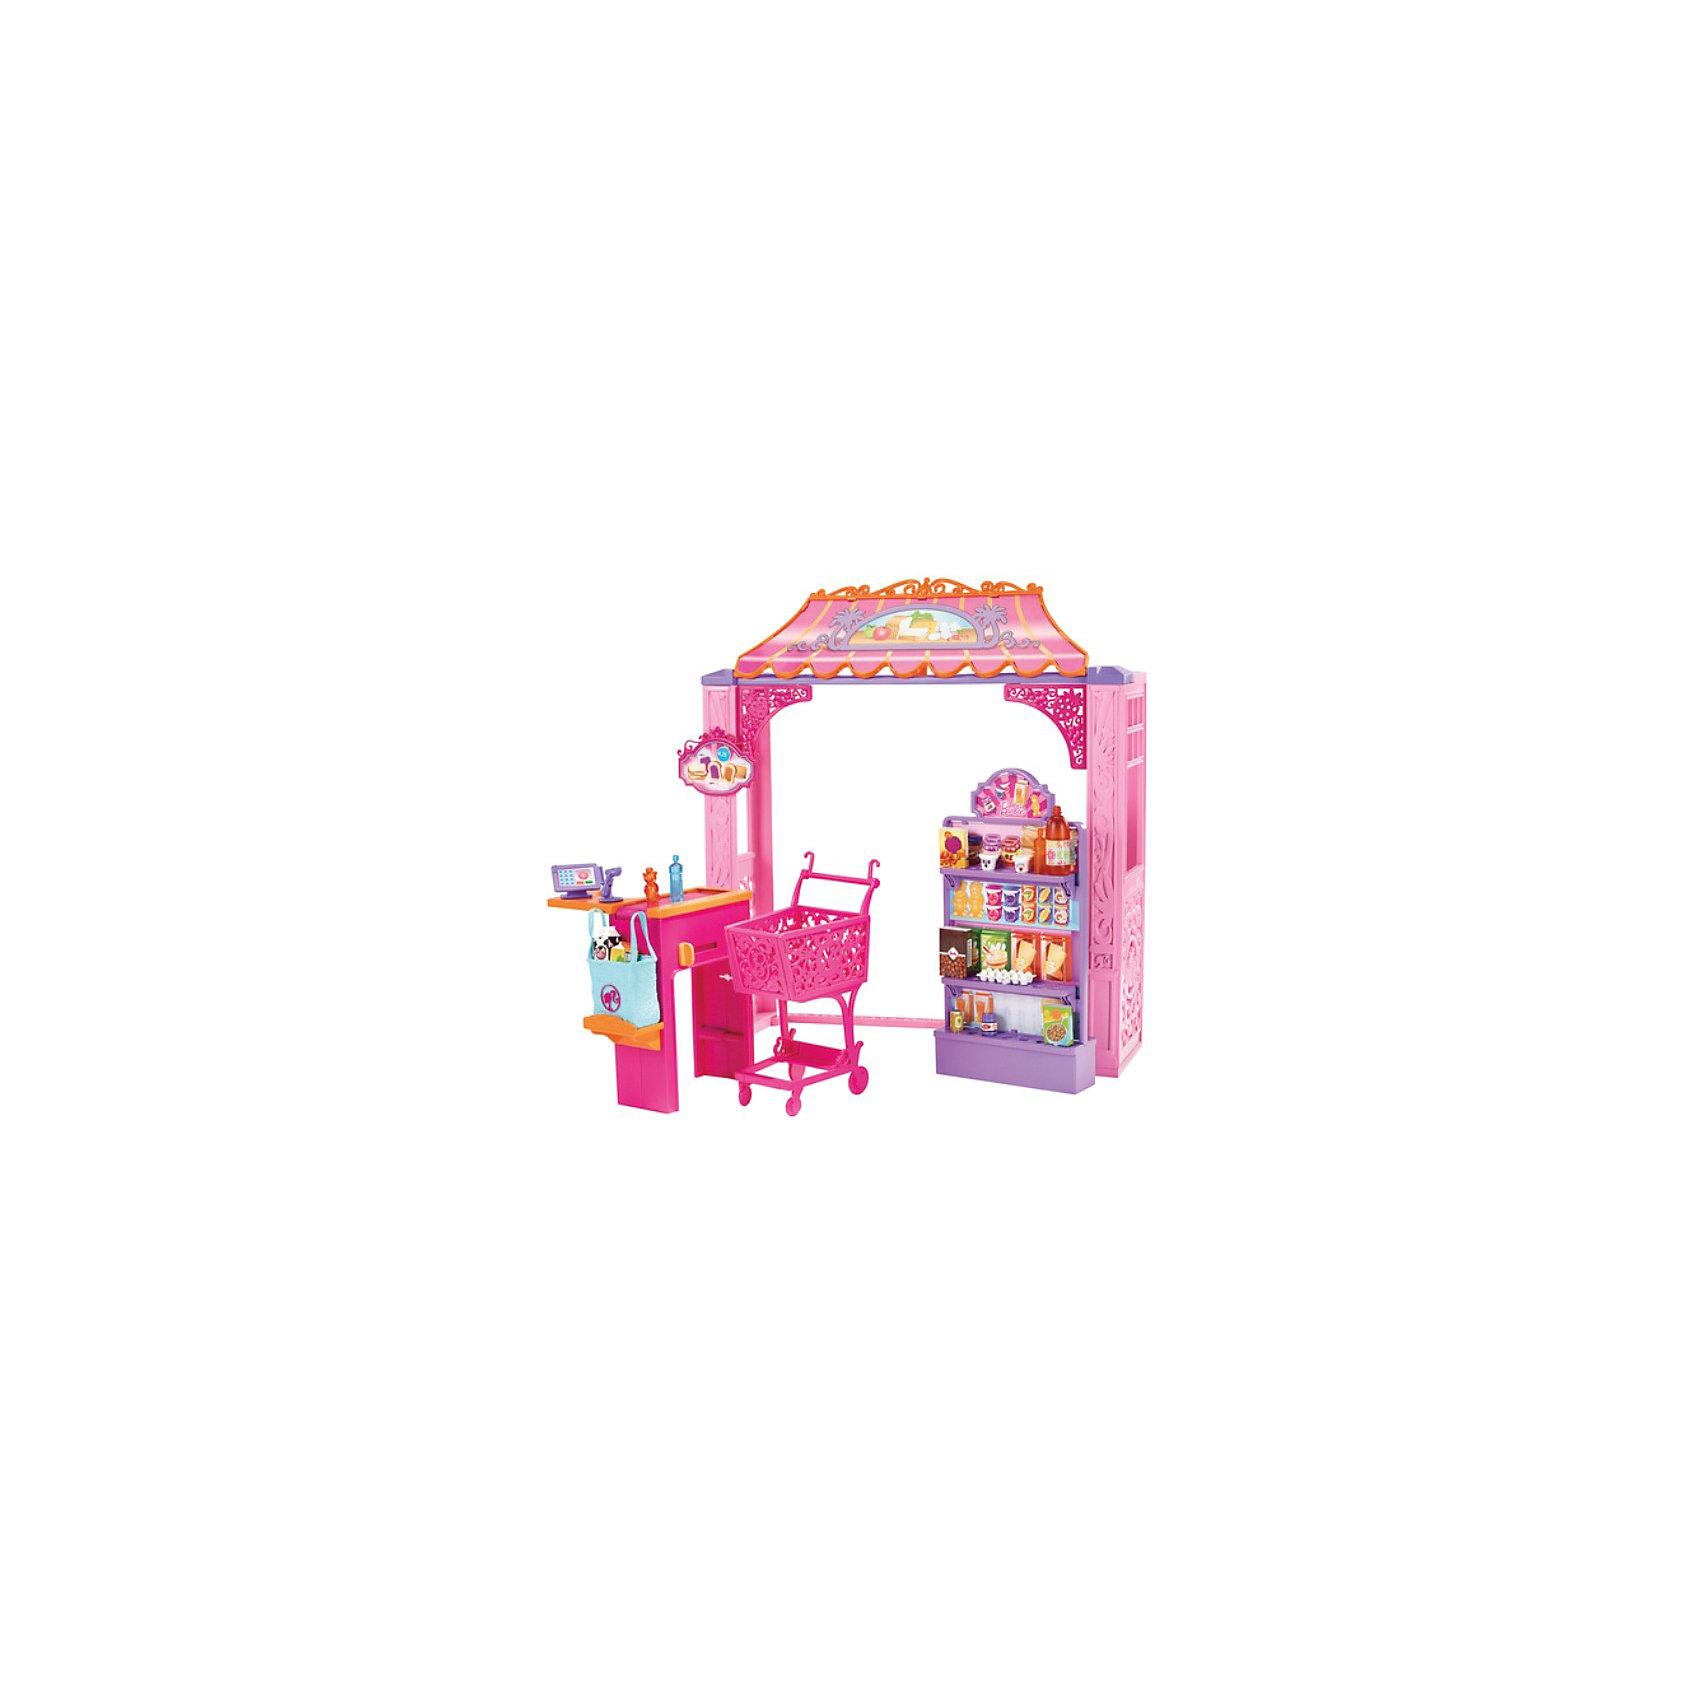 Продуктовый магазин, Barbie